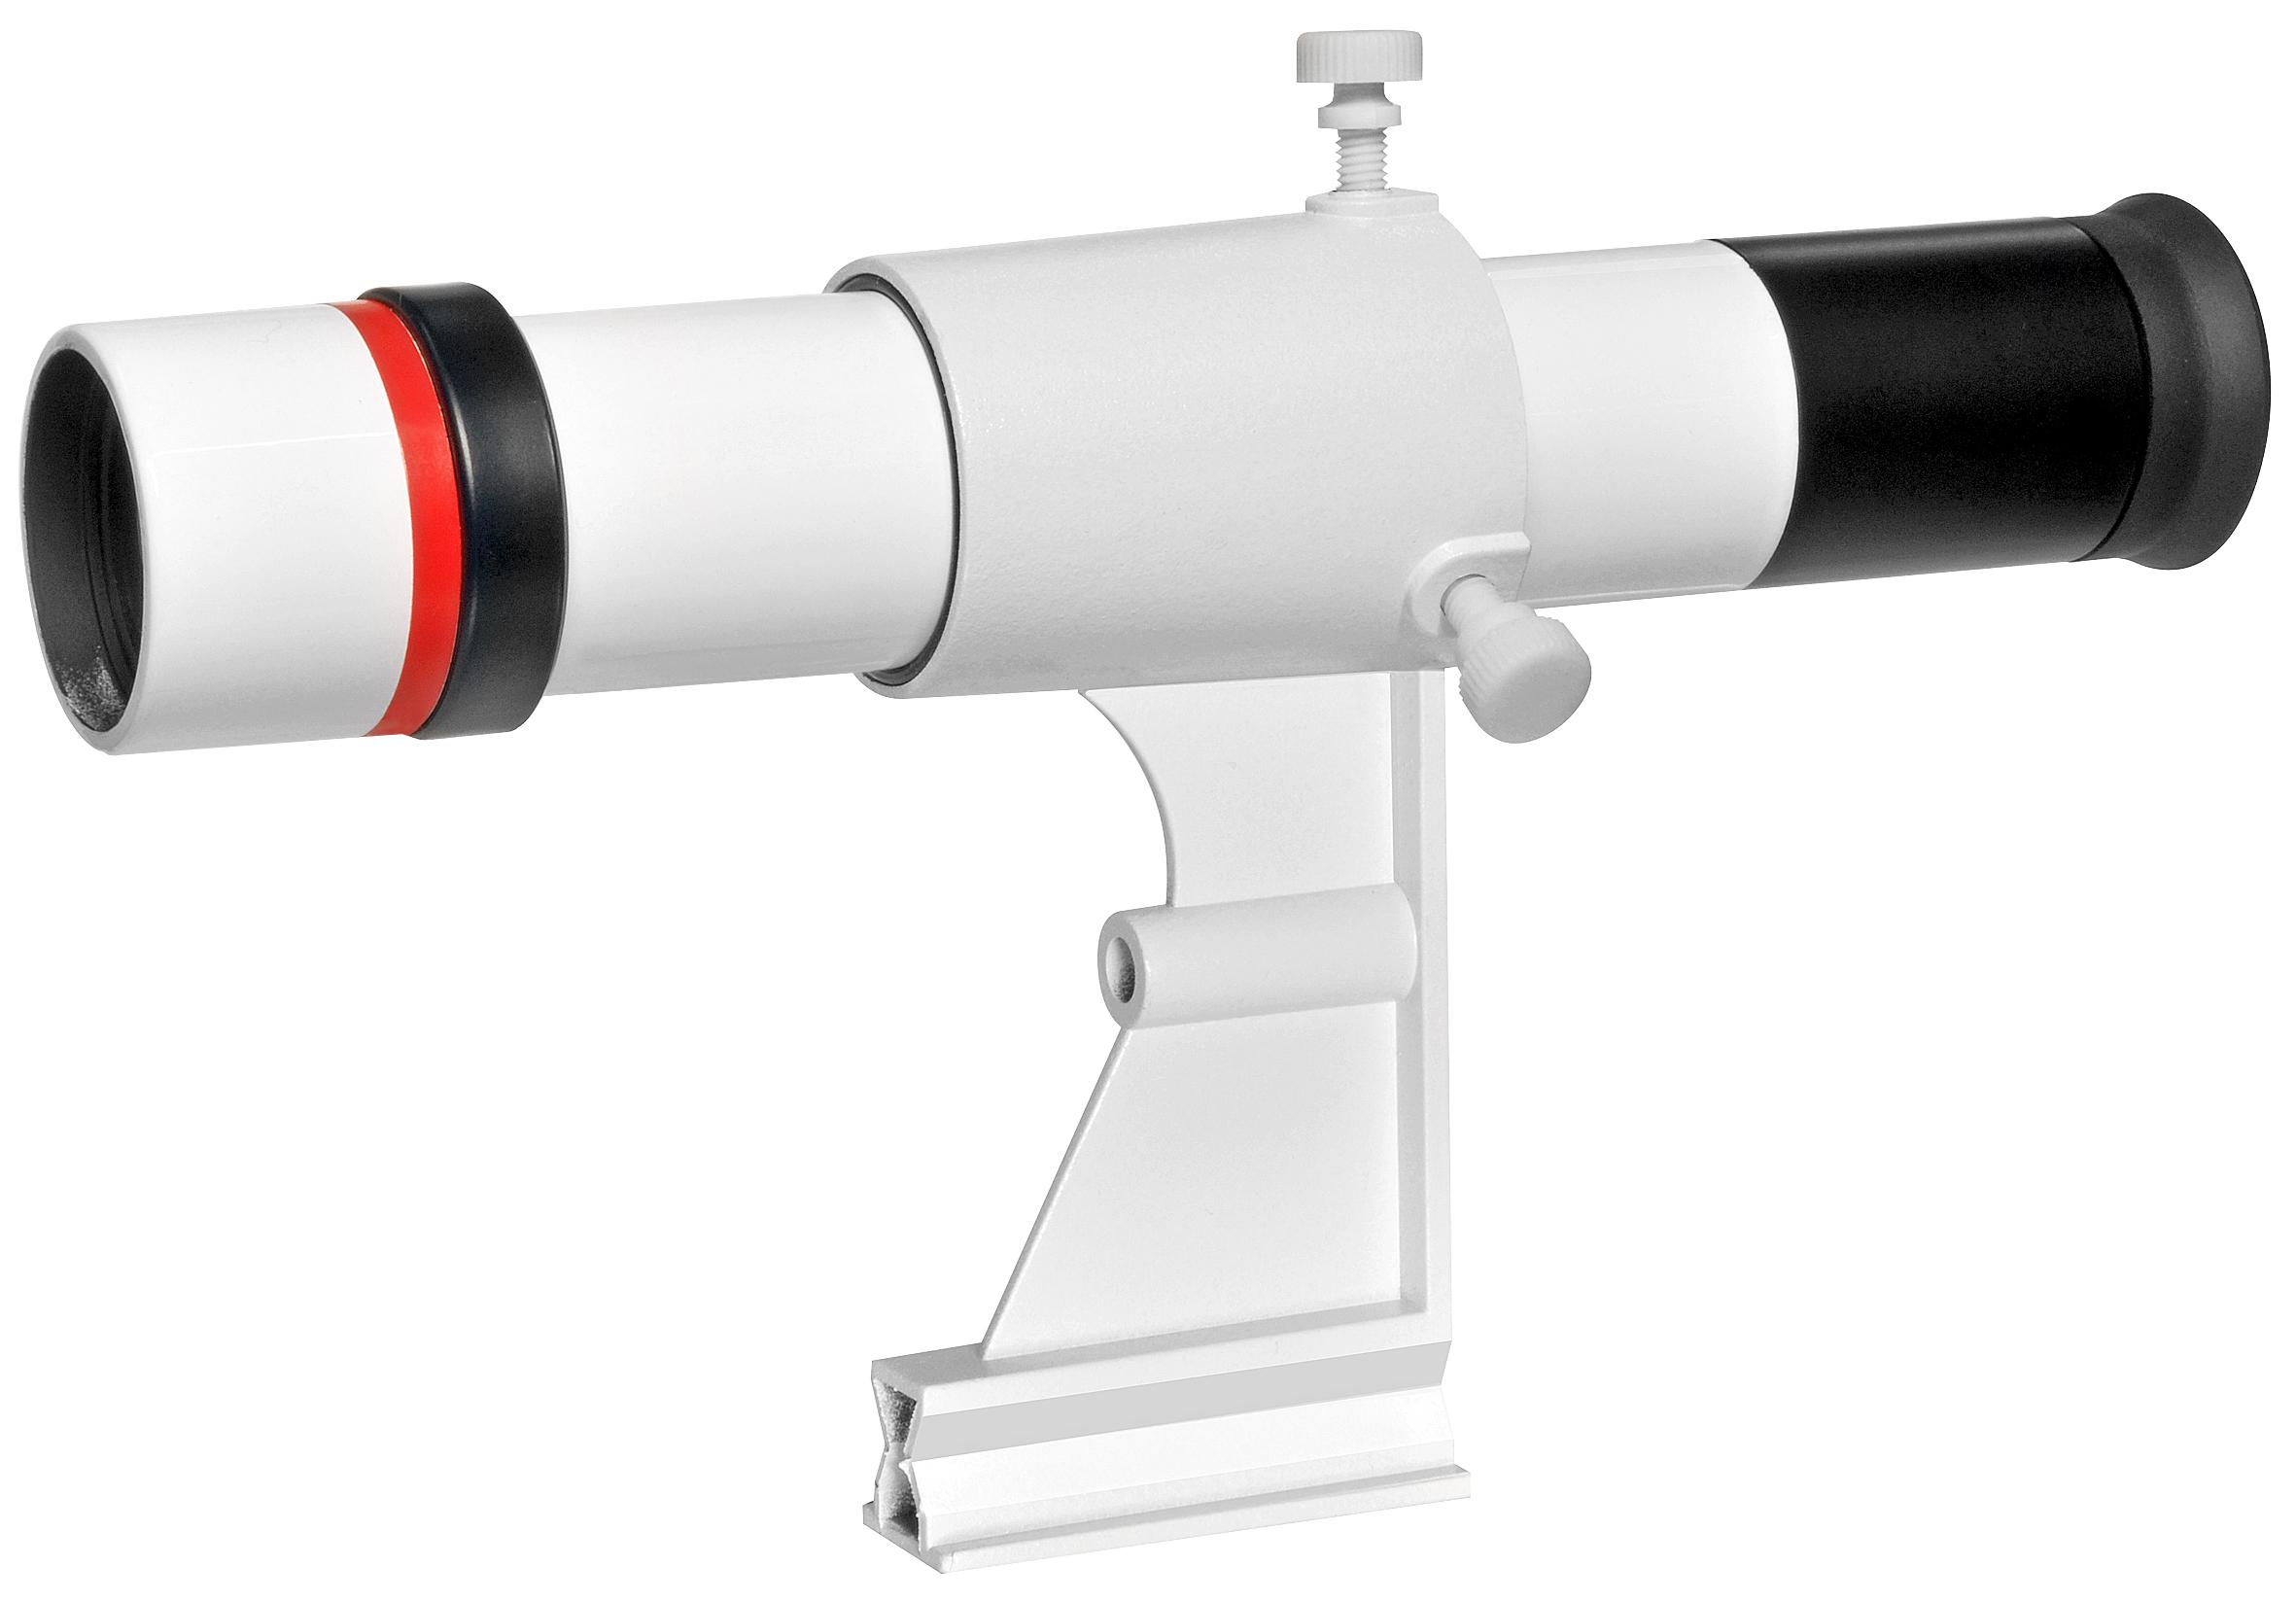 Bresser messier nt 150 750 hexafoc exos 2 goto teleskop bresser